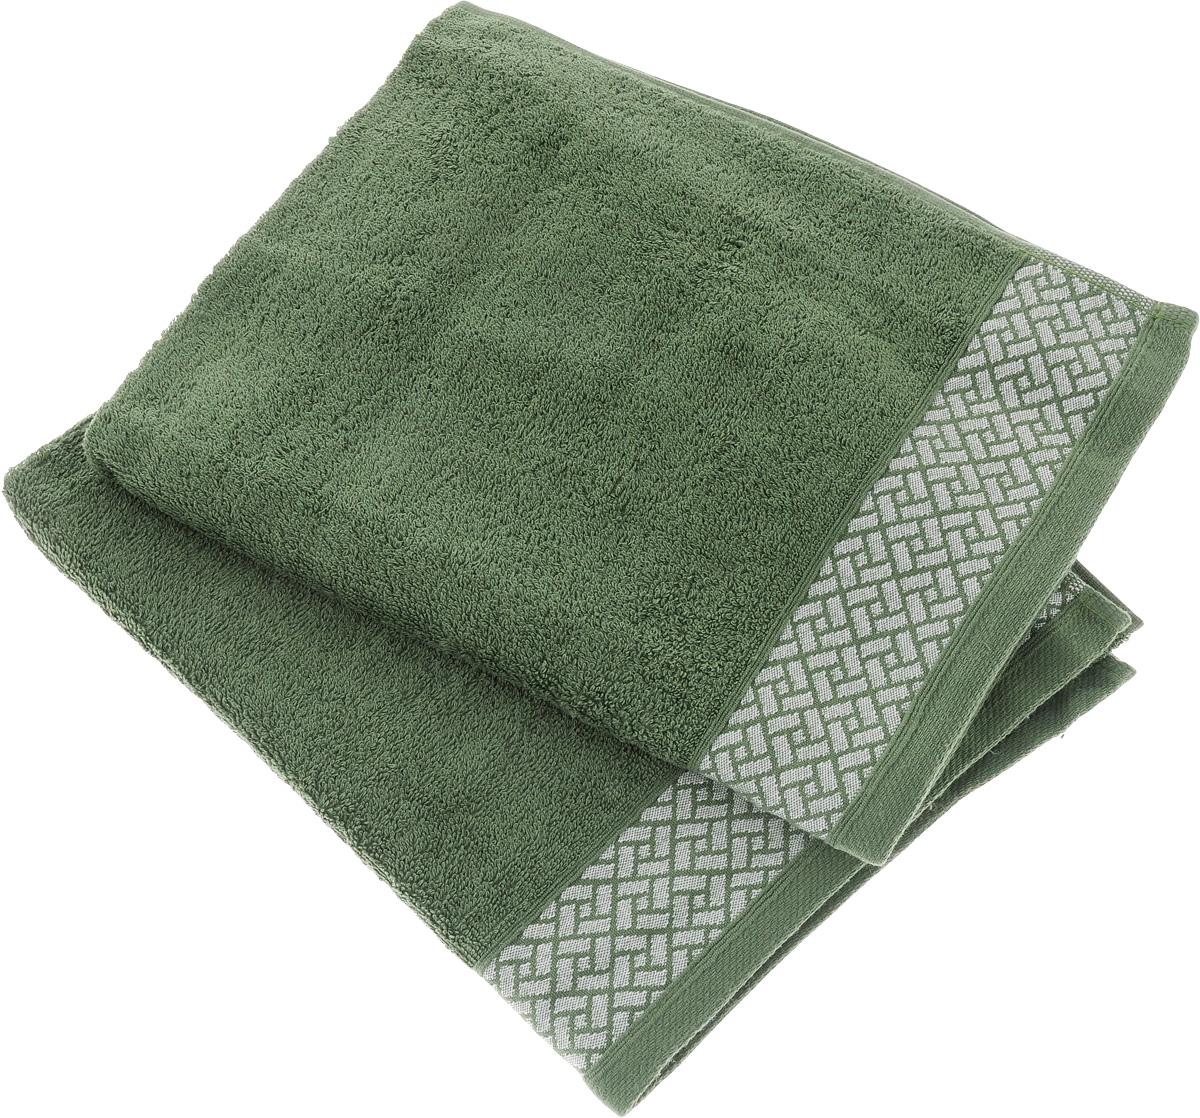 Набор полотенец Tete-a-Tete Лабиринт, цвет: зеленый, 2 шт. УНП-105УНП-105-01Набор Tete-a-Tete Лабиринт состоит из двух махровых полотенец, выполненных из натурального 100% хлопка. Изделия мягкие, отлично впитывают влагу, быстро сохнут, сохраняют яркость цвета и не теряют форму даже после многократных стирок. Данный дизайн был разработан, как мужская линейка, - строгие насыщенные цвета и геометрический рисунок на бордюре. Набор полотенец Tete-a-Tete Лабиринт станет прекрасным дополнением в дизайне ванной комнаты.